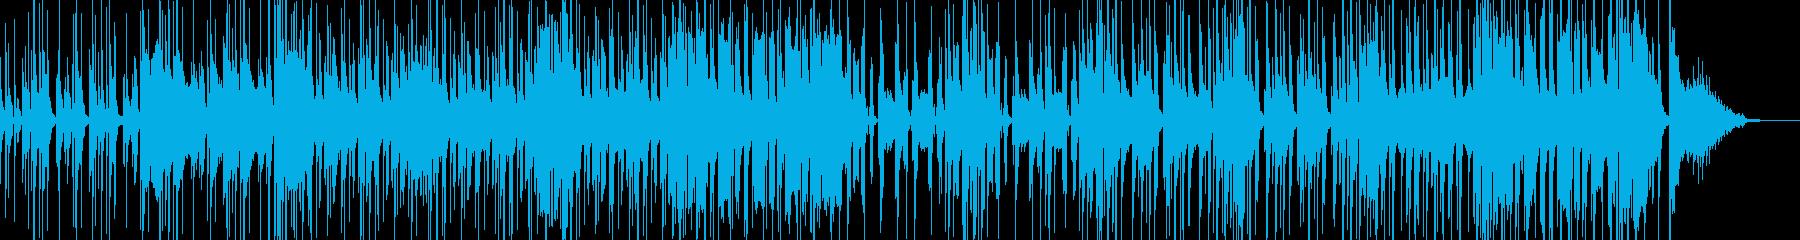 お腹いっぱいなシーンに合う可笑しなBGMの再生済みの波形